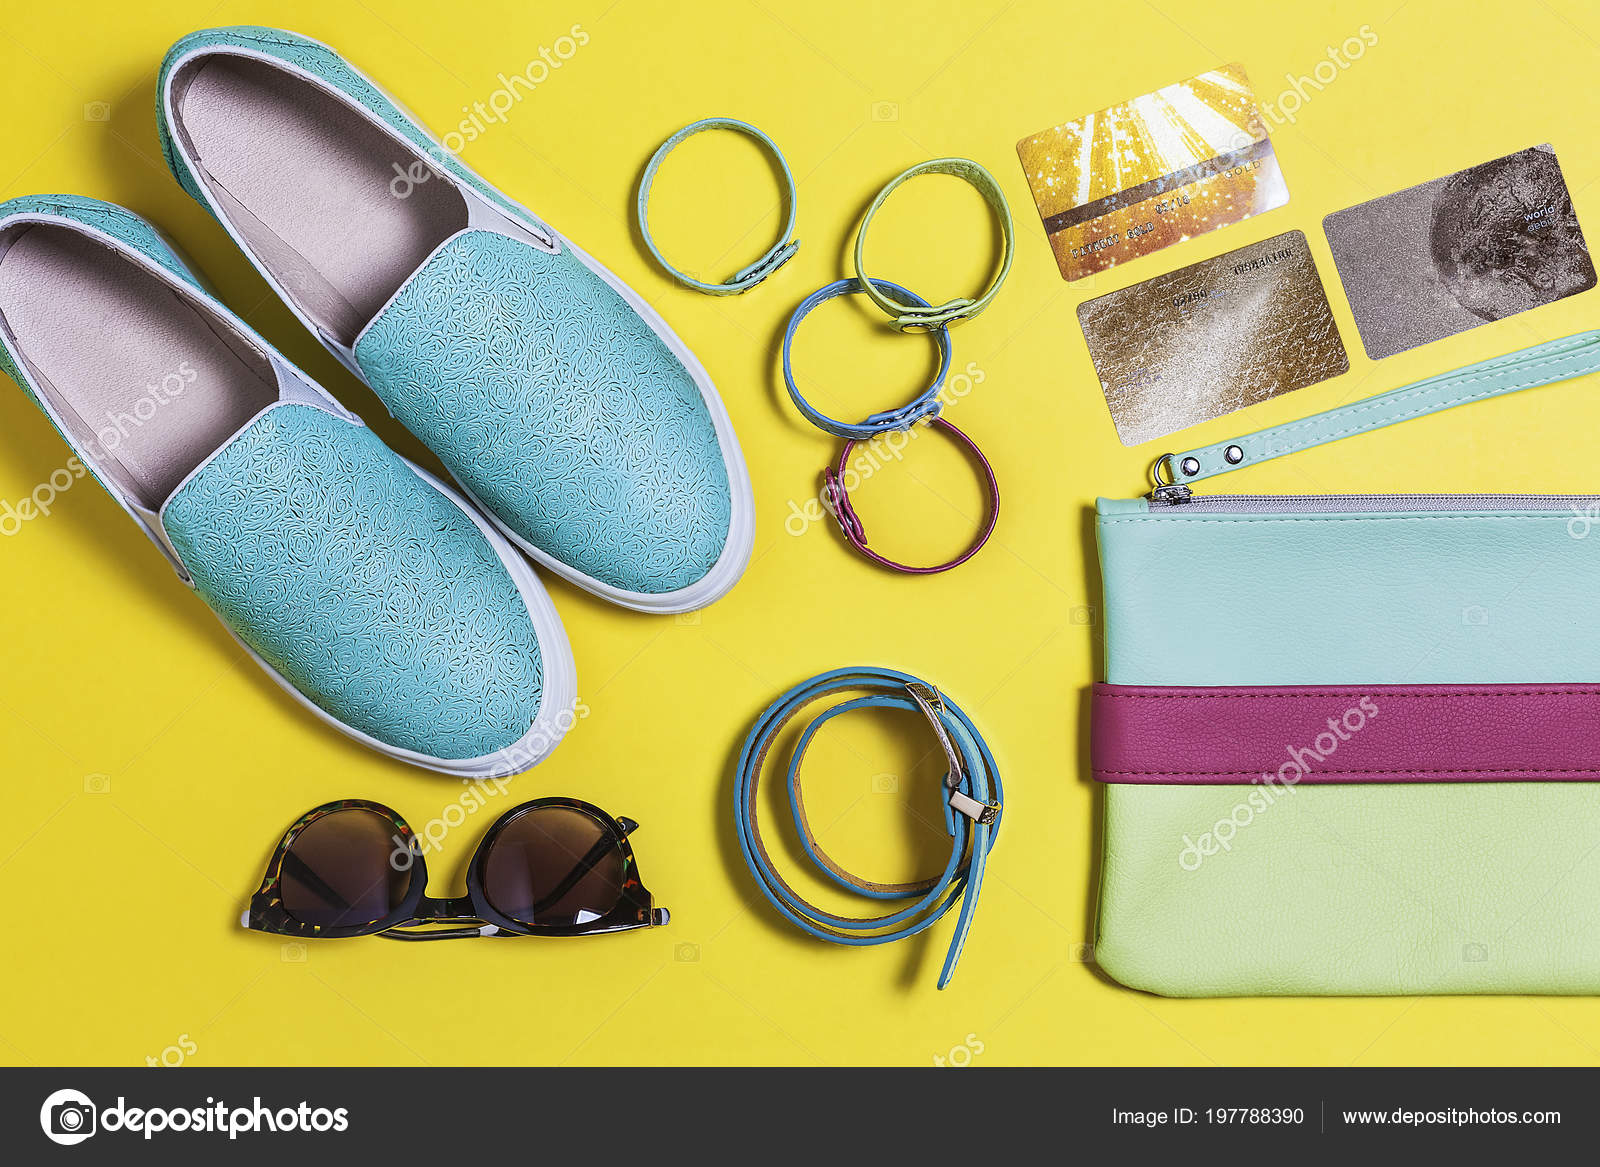 6af0a931cdc5bb Vêtements de hipster élégant pour femme. Lunettes de soleil mode, sac, chaussures  bleu-vert, carte de crédit or et accessoires de couleur.